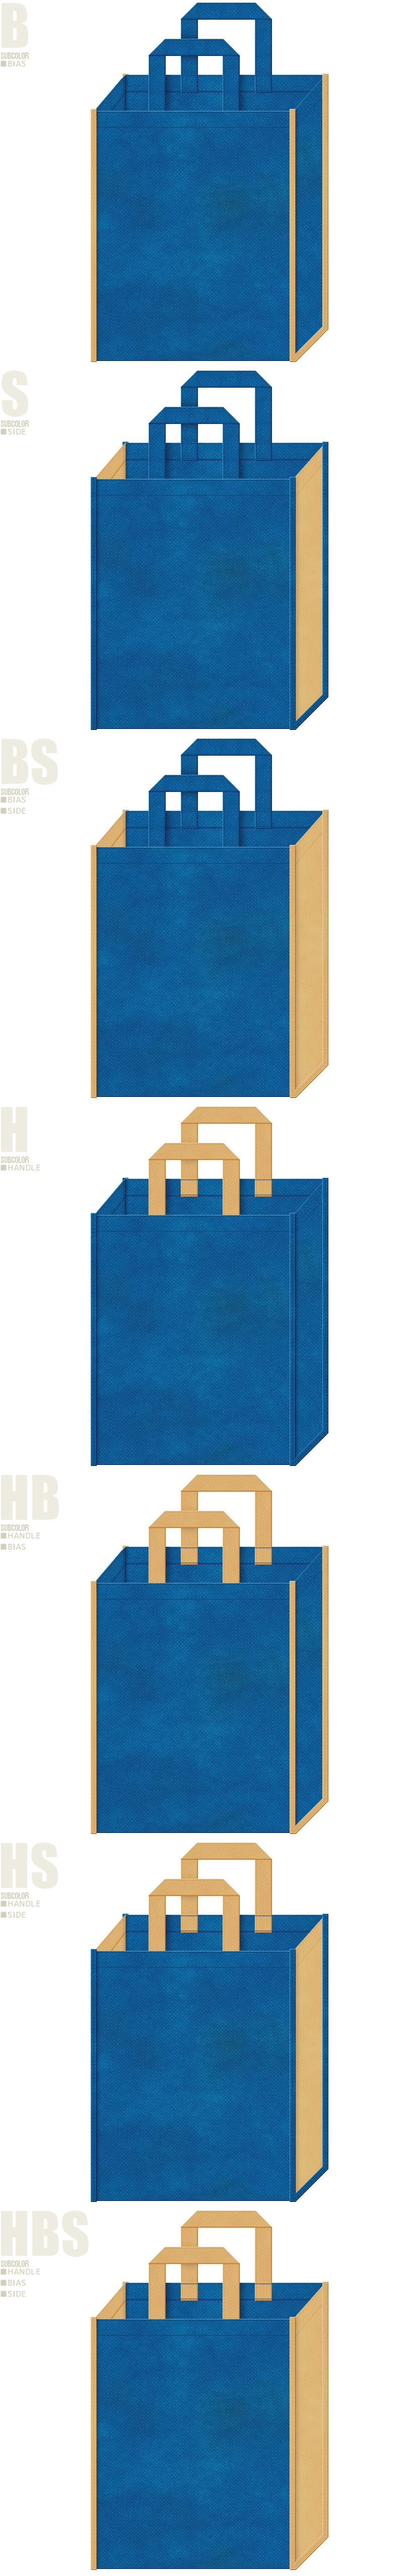 おとぎ話・テーマパーク・絵本の展示会用バッグにお奨めの不織布バッグデザイン:青色と薄黄土色の不織布バッグ配色7パターン